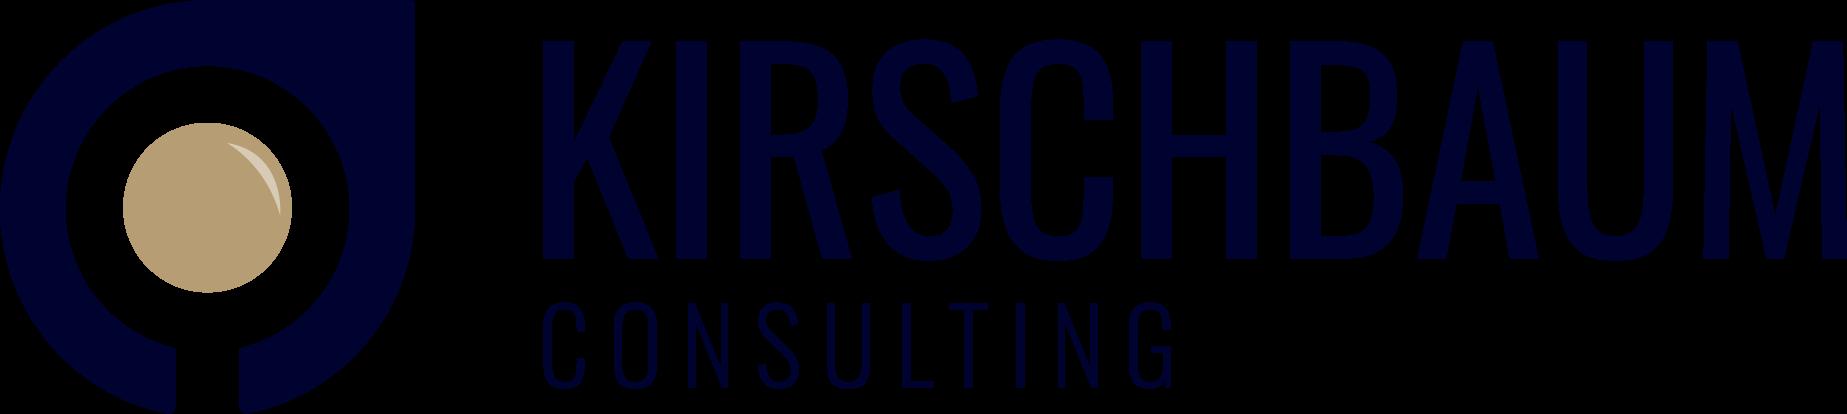 Kirschbaum Consulting Logo